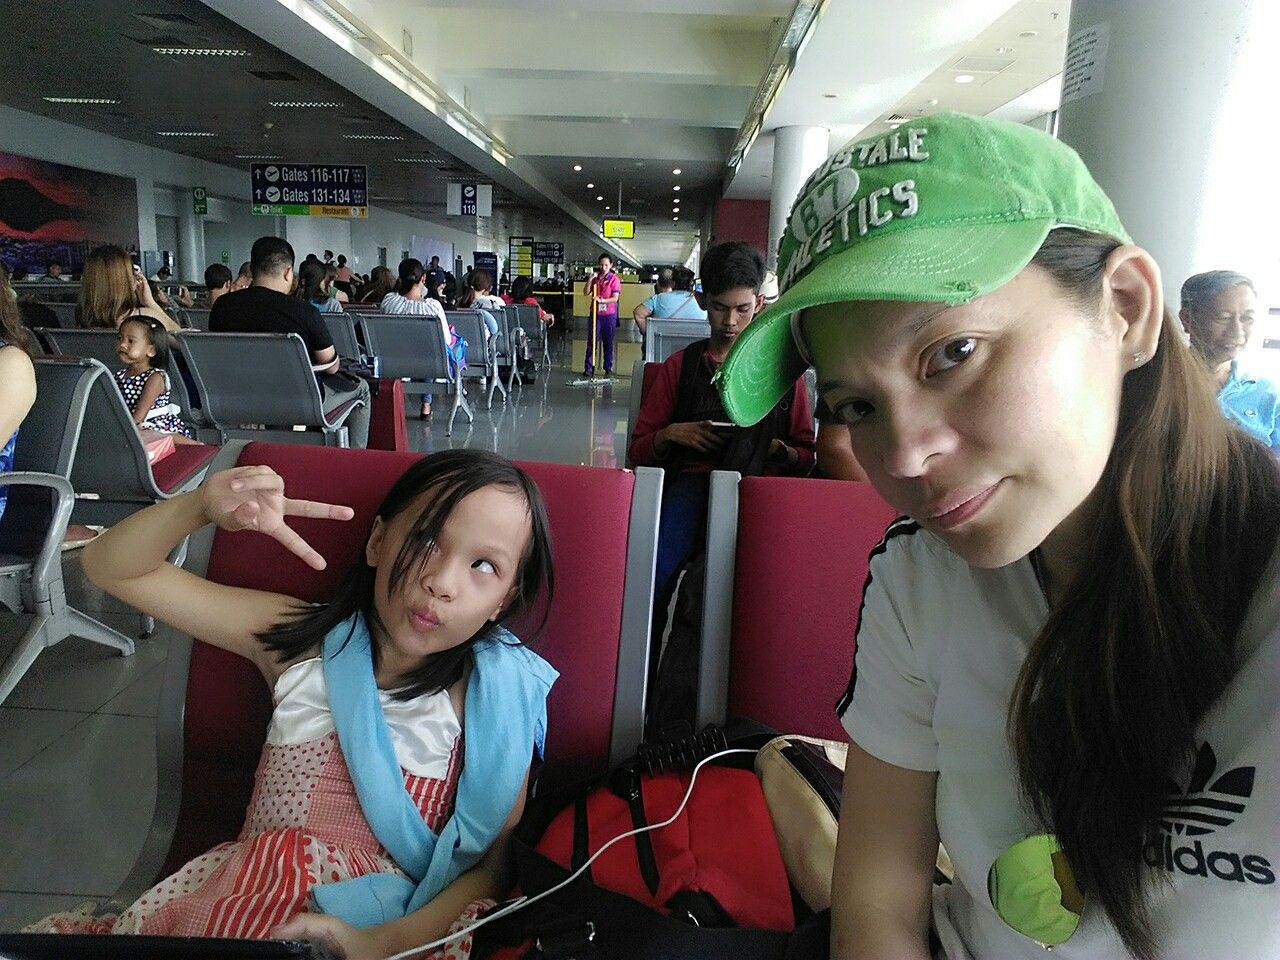 Cebu Dating Cebu Girls Philippines Dumaguete Climate